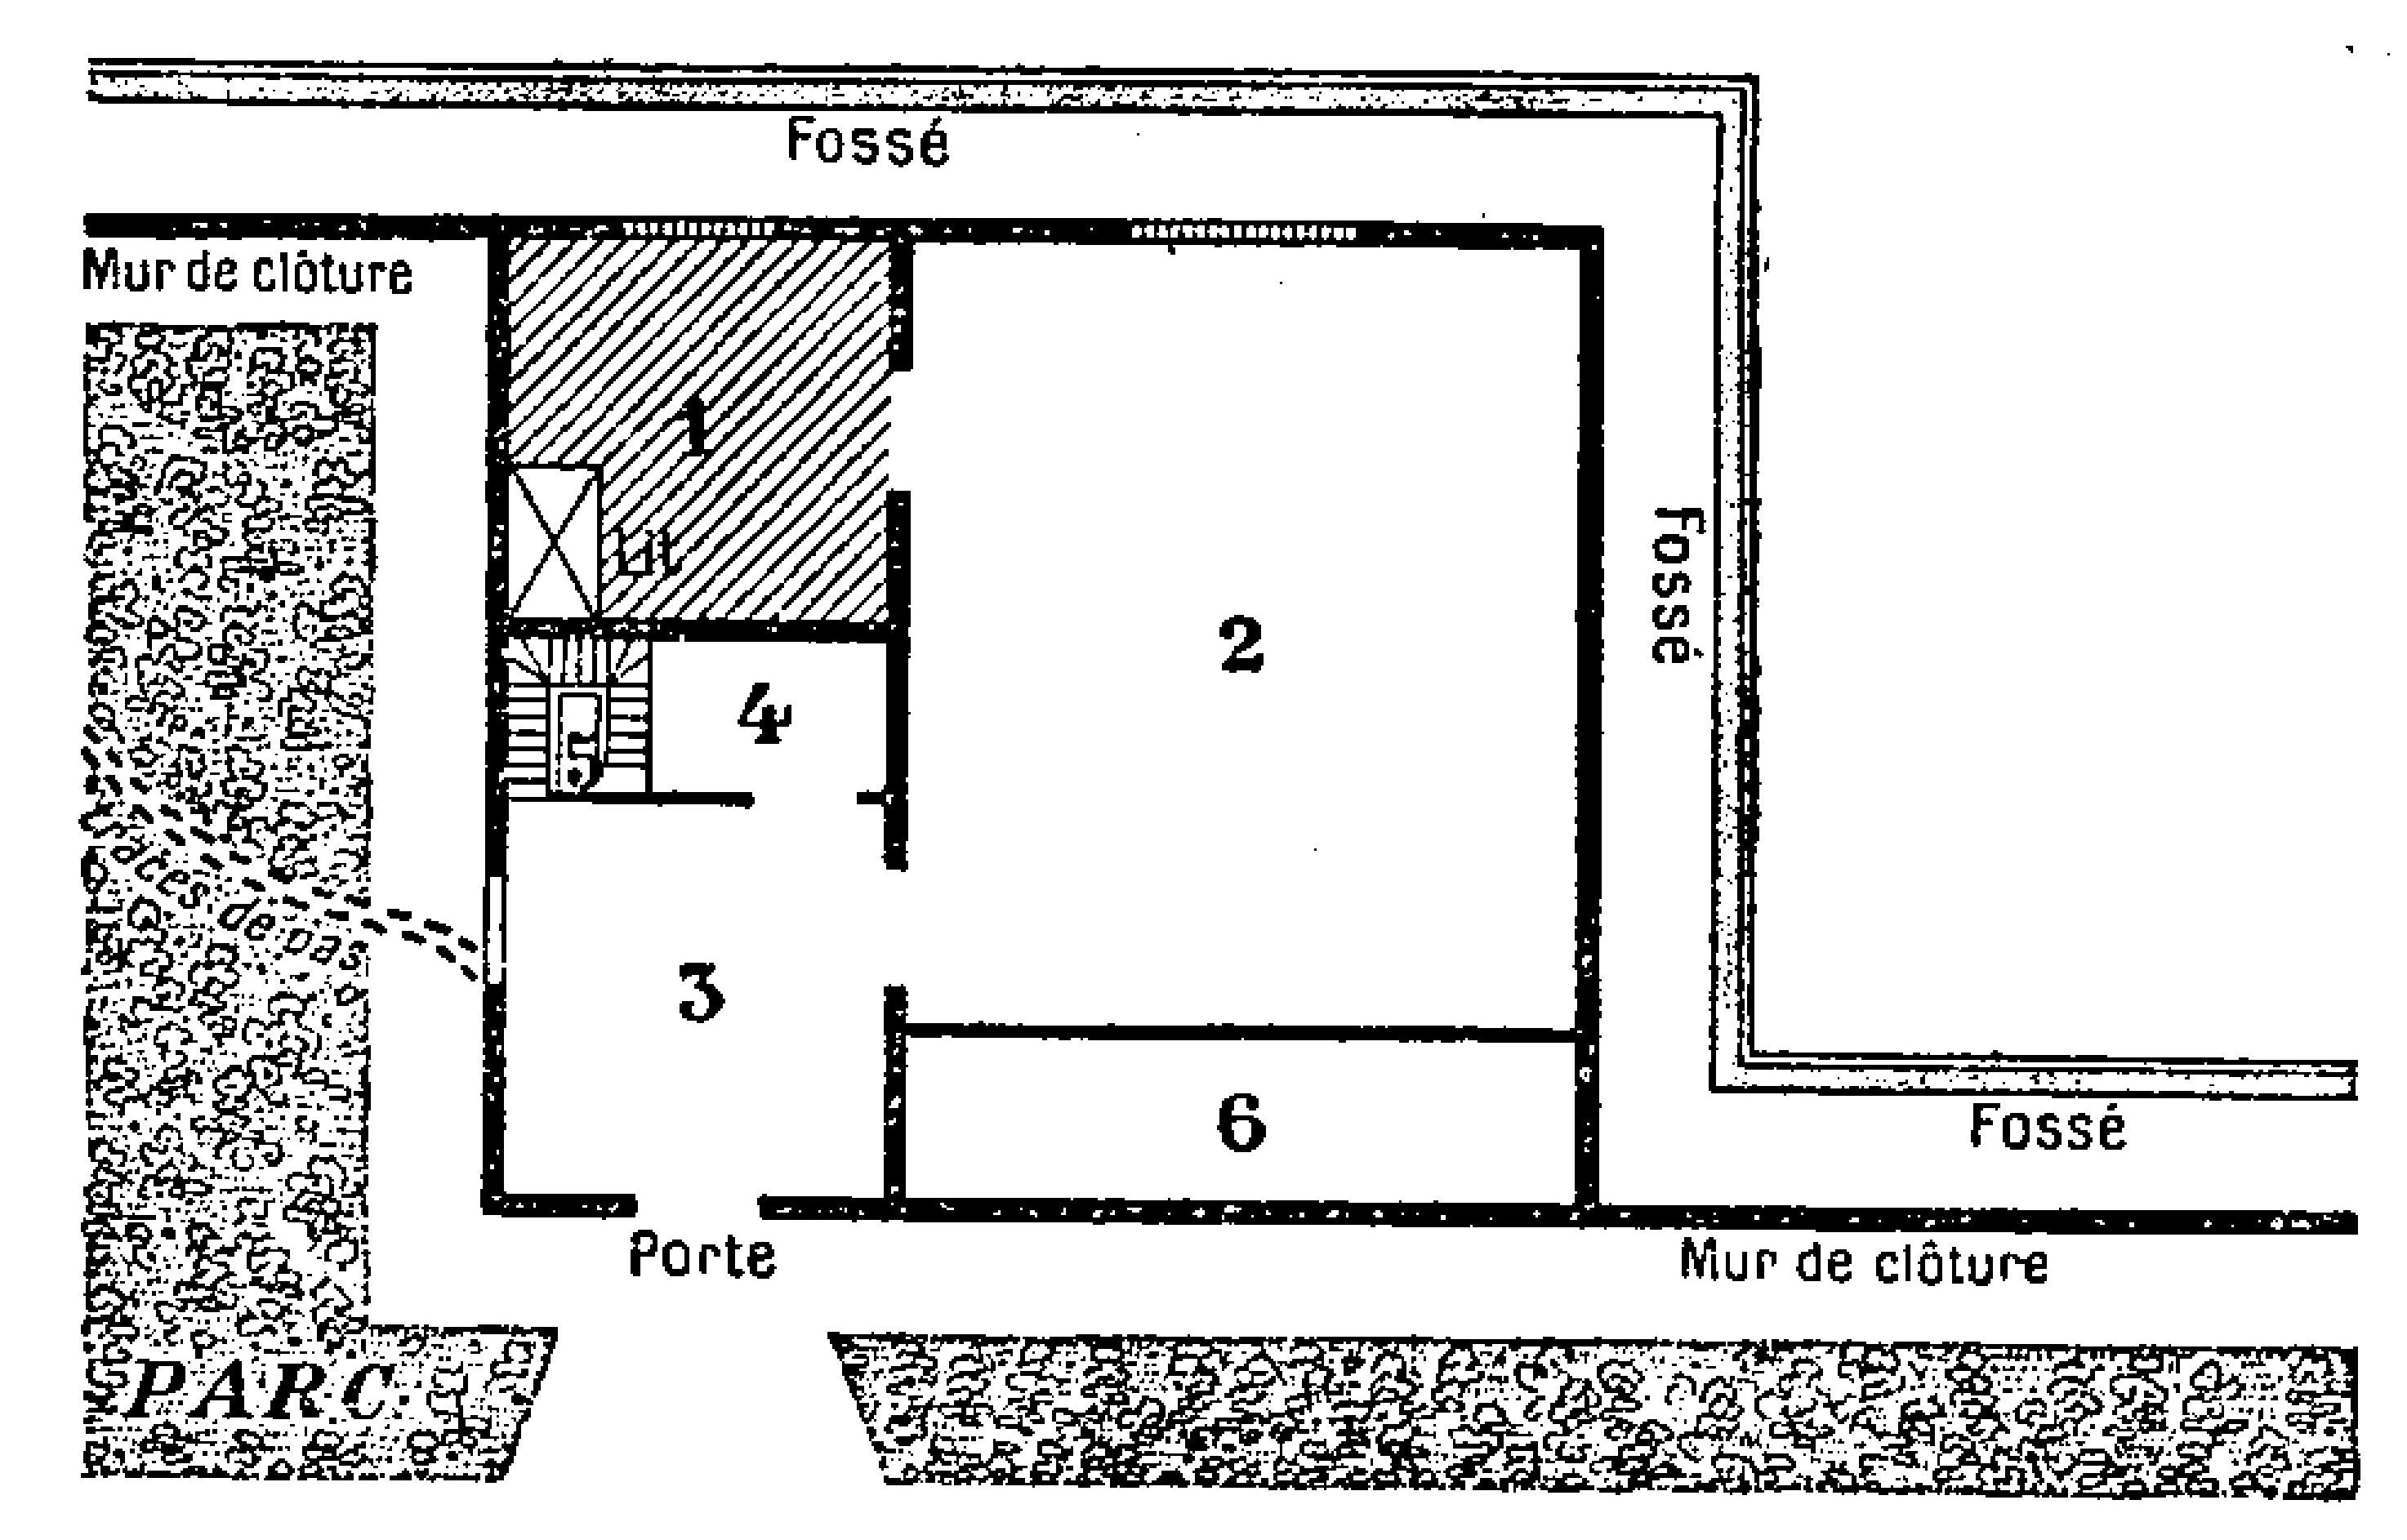 FichierLeroux  Le mystre de la chambre jaune 1932 Partie 1 page 70 cropjpg  Wikipdia